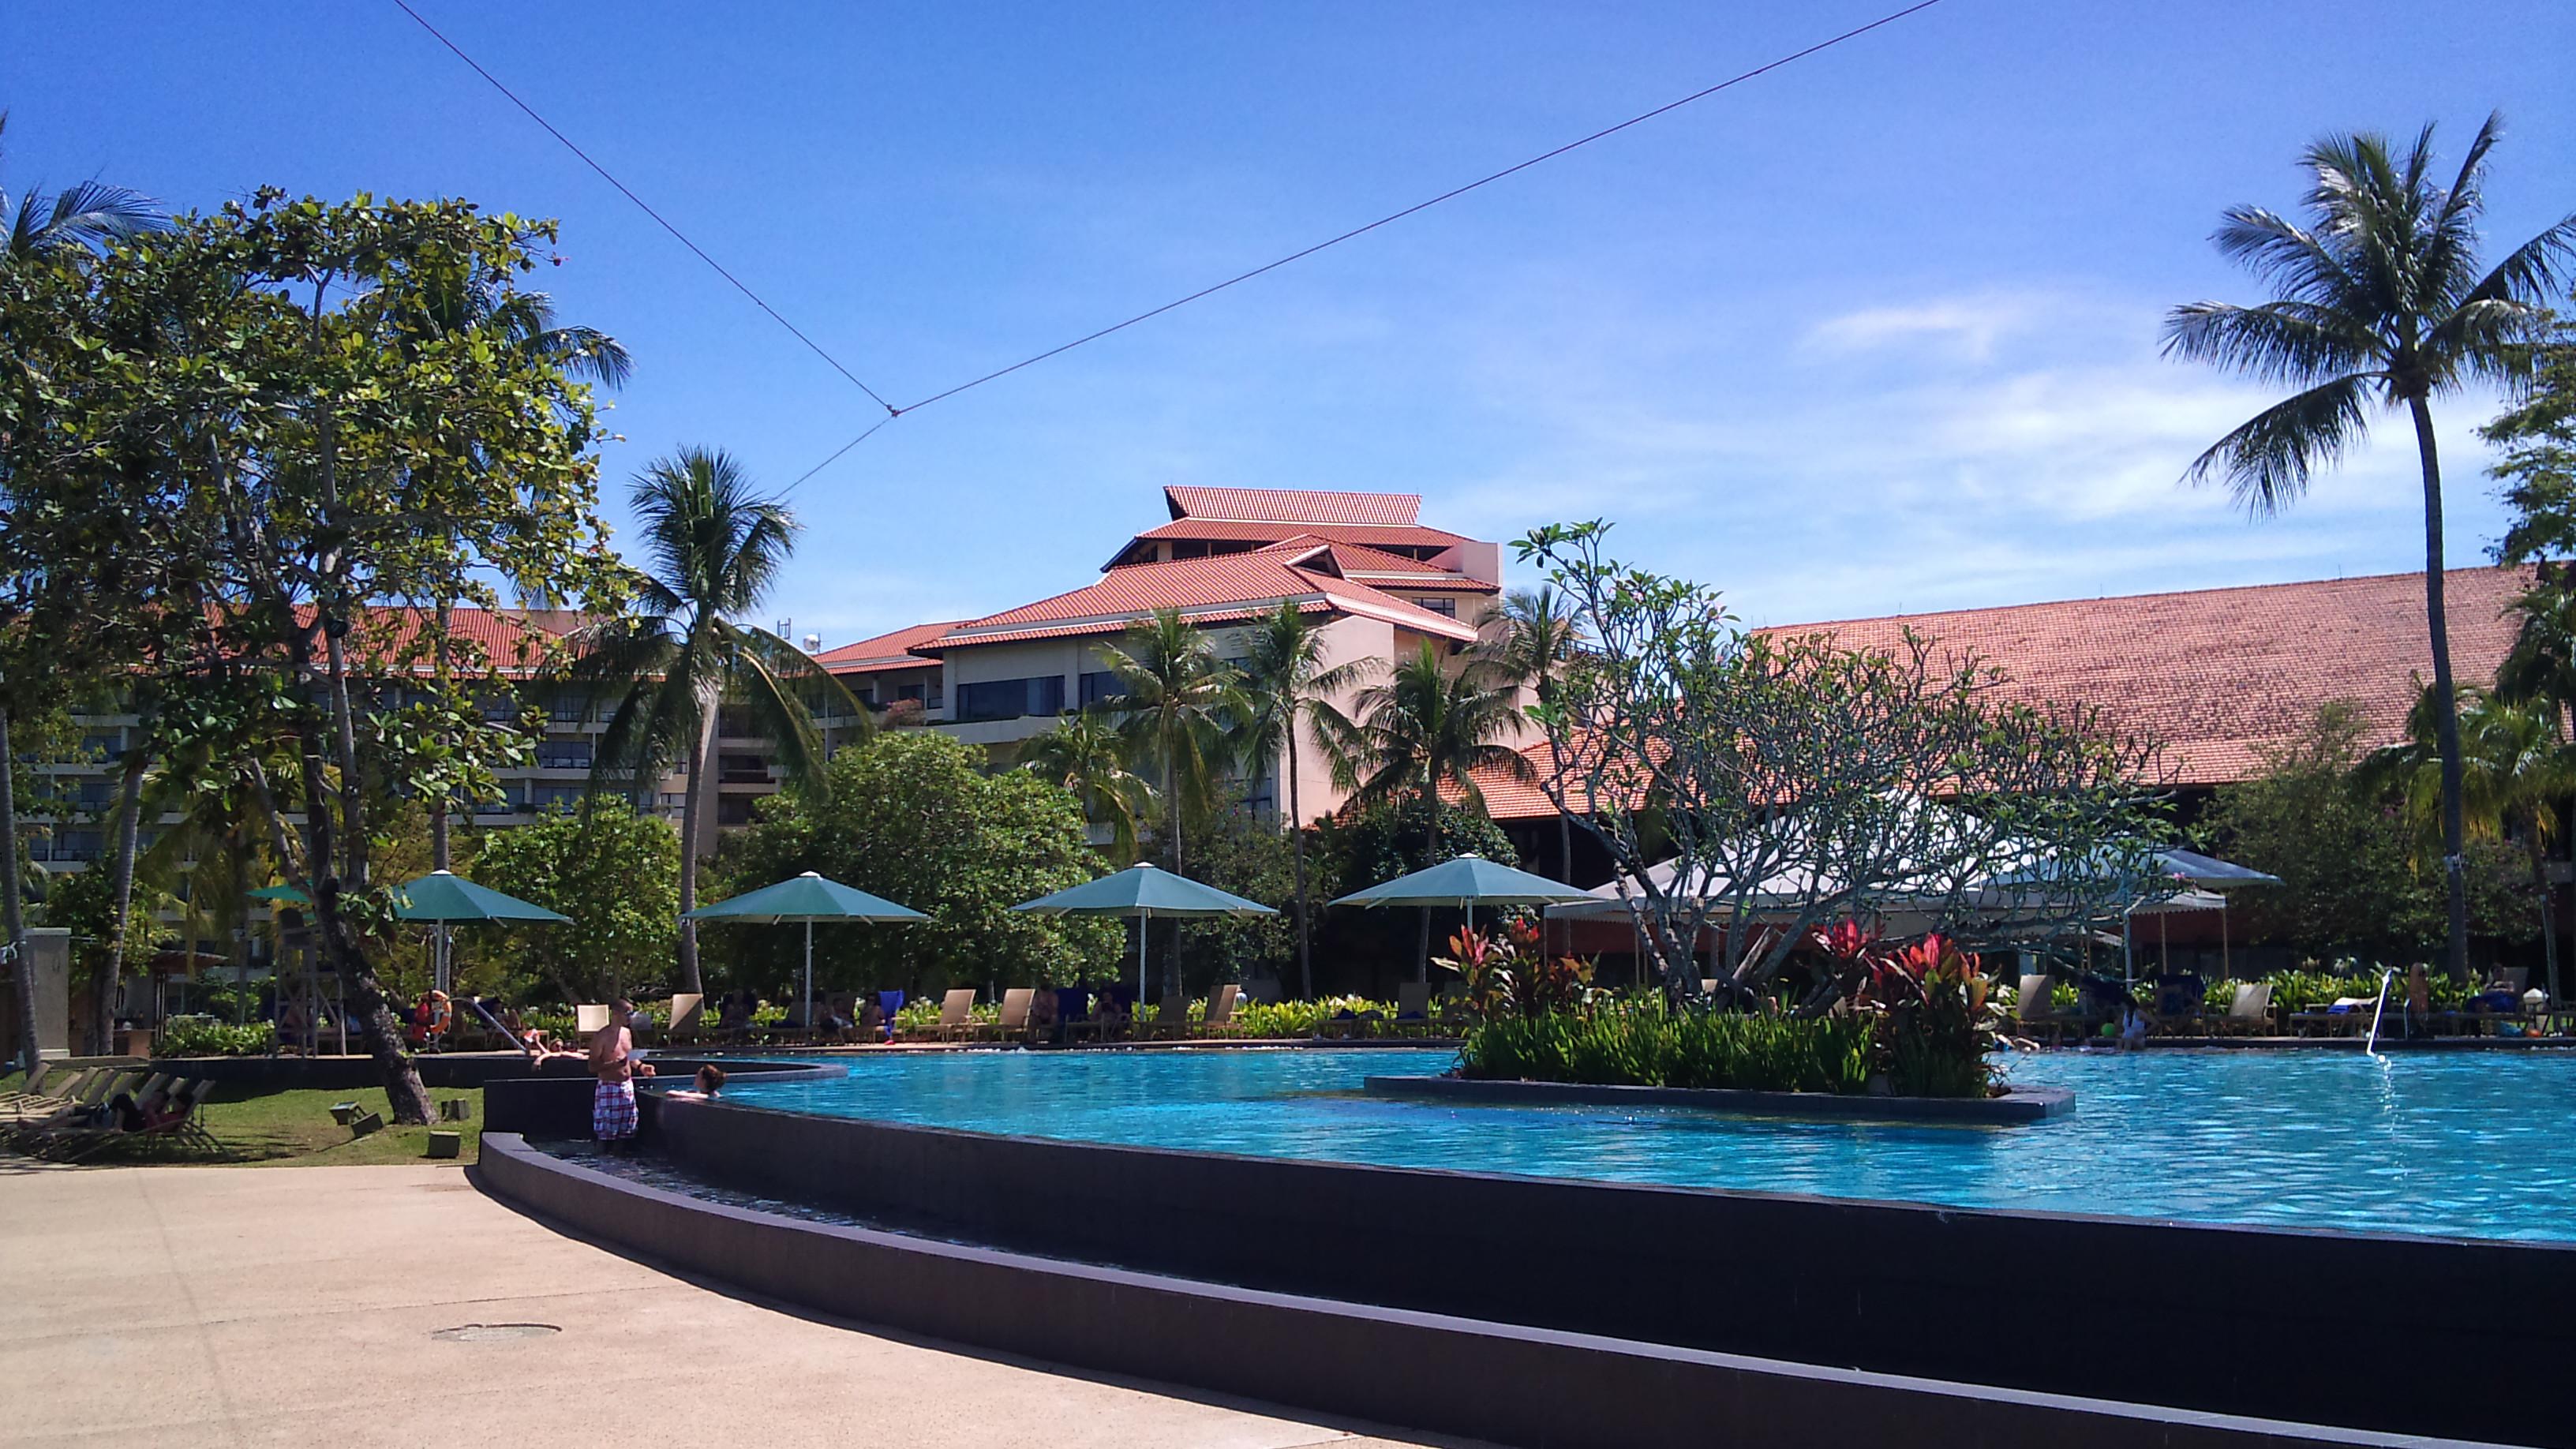 主泳池和儿童泳池连成一片,其配备的儿童水上游乐设施在度假酒店里算